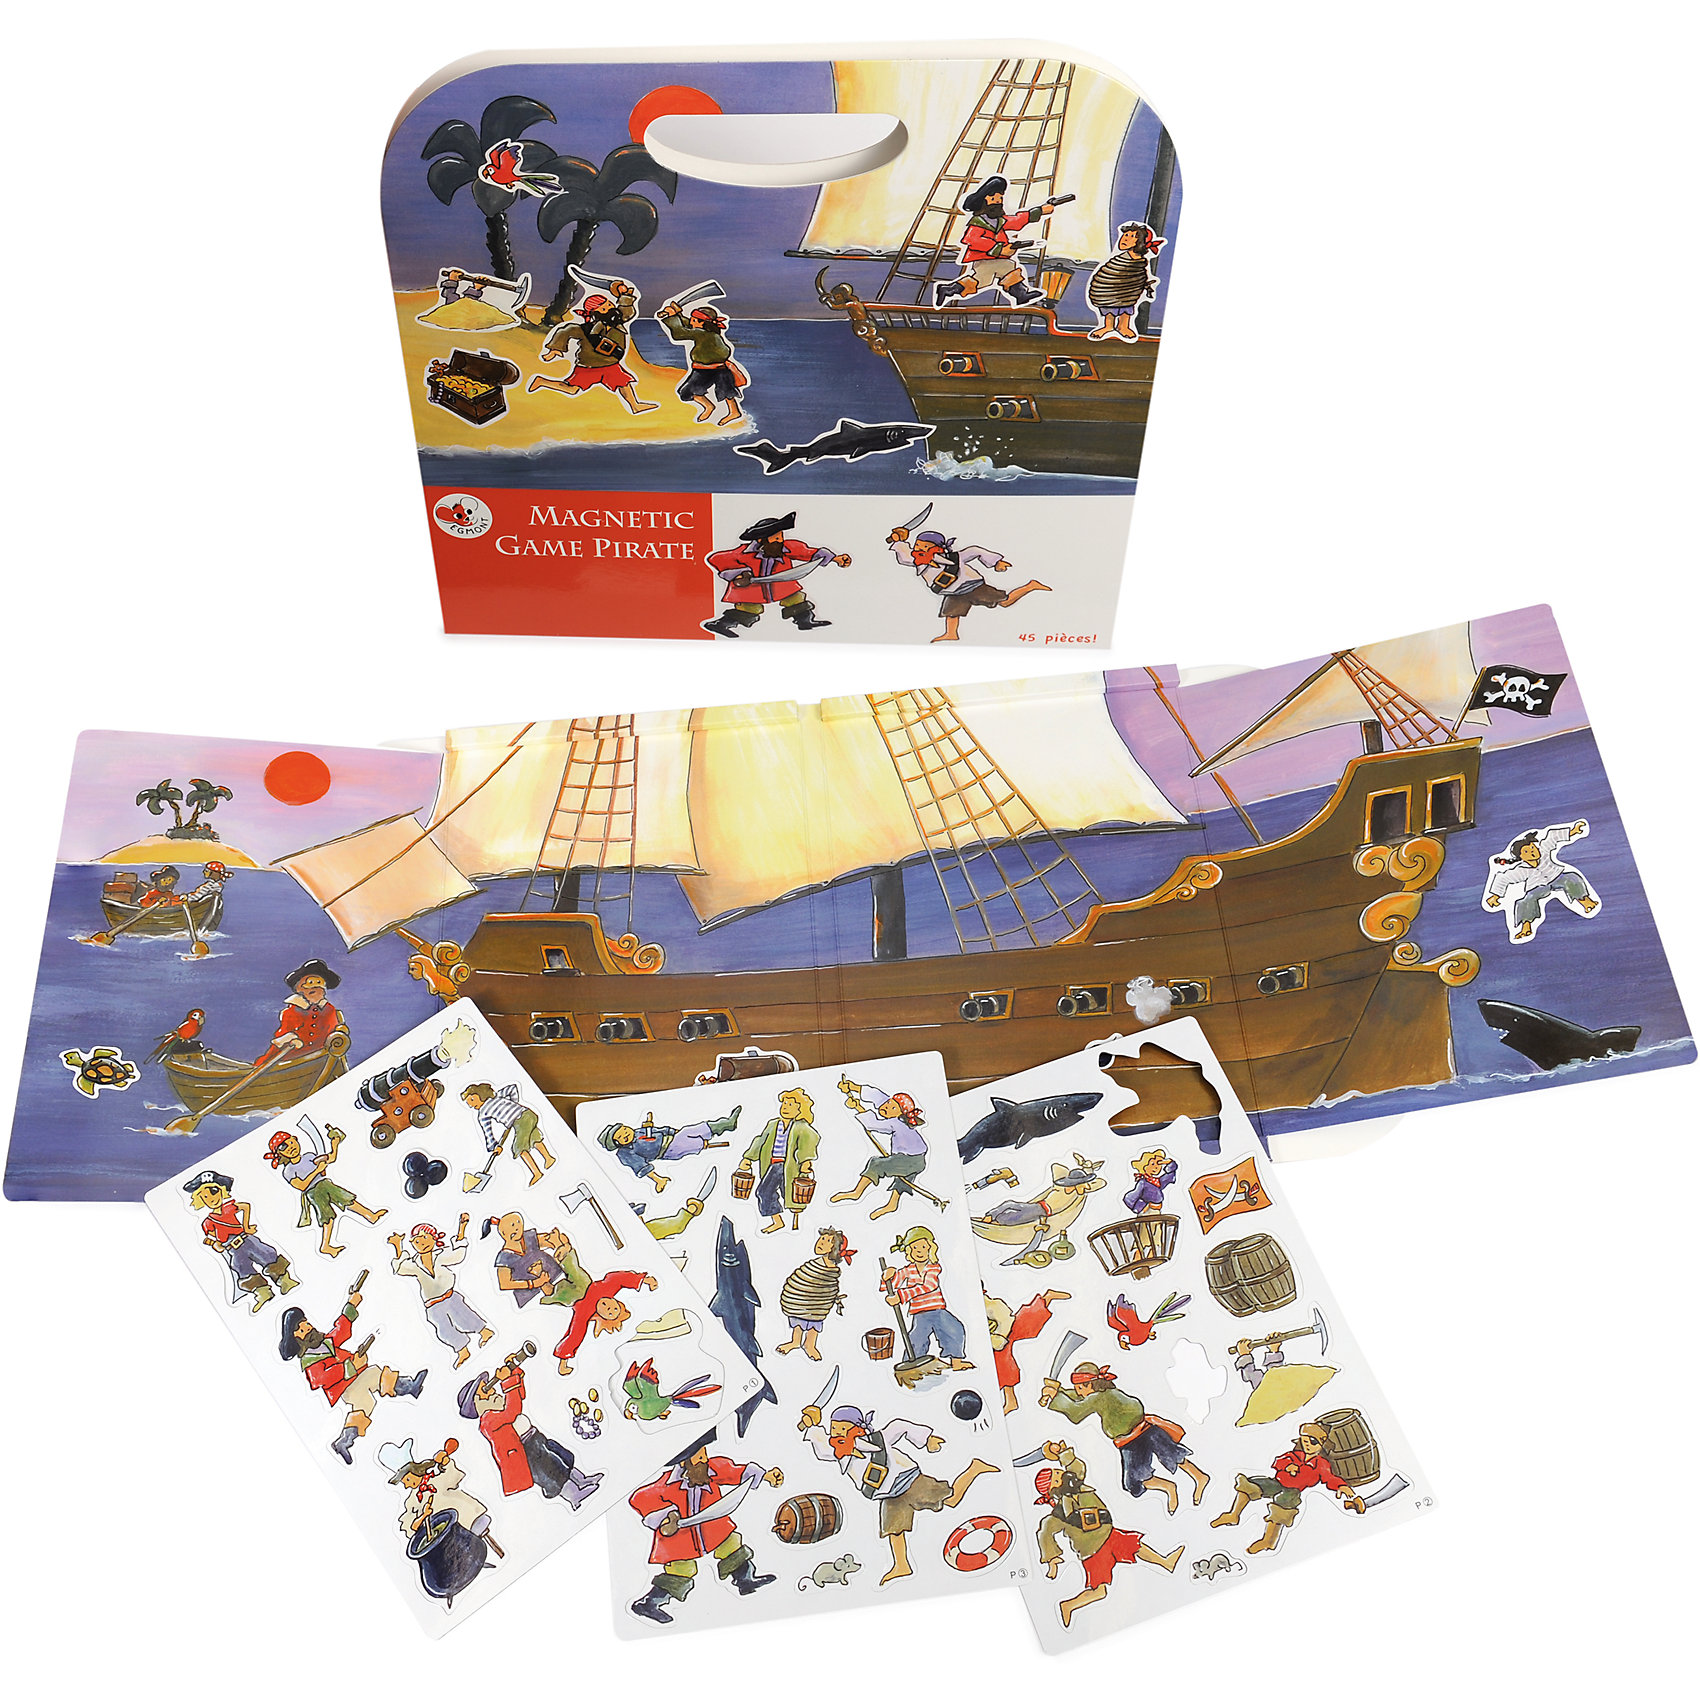 Магнитная игра Пиратский корабль, Egmont ToysОкружающий мир<br>Характеристики:<br><br>• возраст: от 3-х лет;<br>• материал: картон, магнит;<br>• комплектация: магнитная книжка-основа, 45 деталей;<br>• размер игры в развёрнутом виде: 25х67,5 см;<br>• вес: 400 г;<br>• размер упаковки: 25х24х1 см;<br><br>Магнитная игра  «Пиратский корабль», Egmont Toys – это набор магнитных элементов, предназначенный для сюжетно-ролевых и обучающих игр. Набор также можно использовать в качестве настольной игры.<br><br>Набор состоит из картонной книжки-основы, на которую нанесено изображение большого пиратского корабля, дрейфующего по морским волнам. К основе прилагаются элементы с изображением морской и пиратской тематики.<br><br>Магнитная игра  «Пиратский корабль», Egmont Toys – это целое методическое пособие, которое позволит в легкой игровой форме познакомить ребенка историческими фактами и реалиями о морских пиратах. Набор имеет множество вариантов игр. <br><br>Магнитную игру  «Пиратский корабль», Egmont Toys можно купить в нашем интернет-магазине.<br><br>Ширина мм: 250<br>Глубина мм: 240<br>Высота мм: 10<br>Вес г: 400<br>Возраст от месяцев: 36<br>Возраст до месяцев: 2147483647<br>Пол: Мужской<br>Возраст: Детский<br>SKU: 5544494